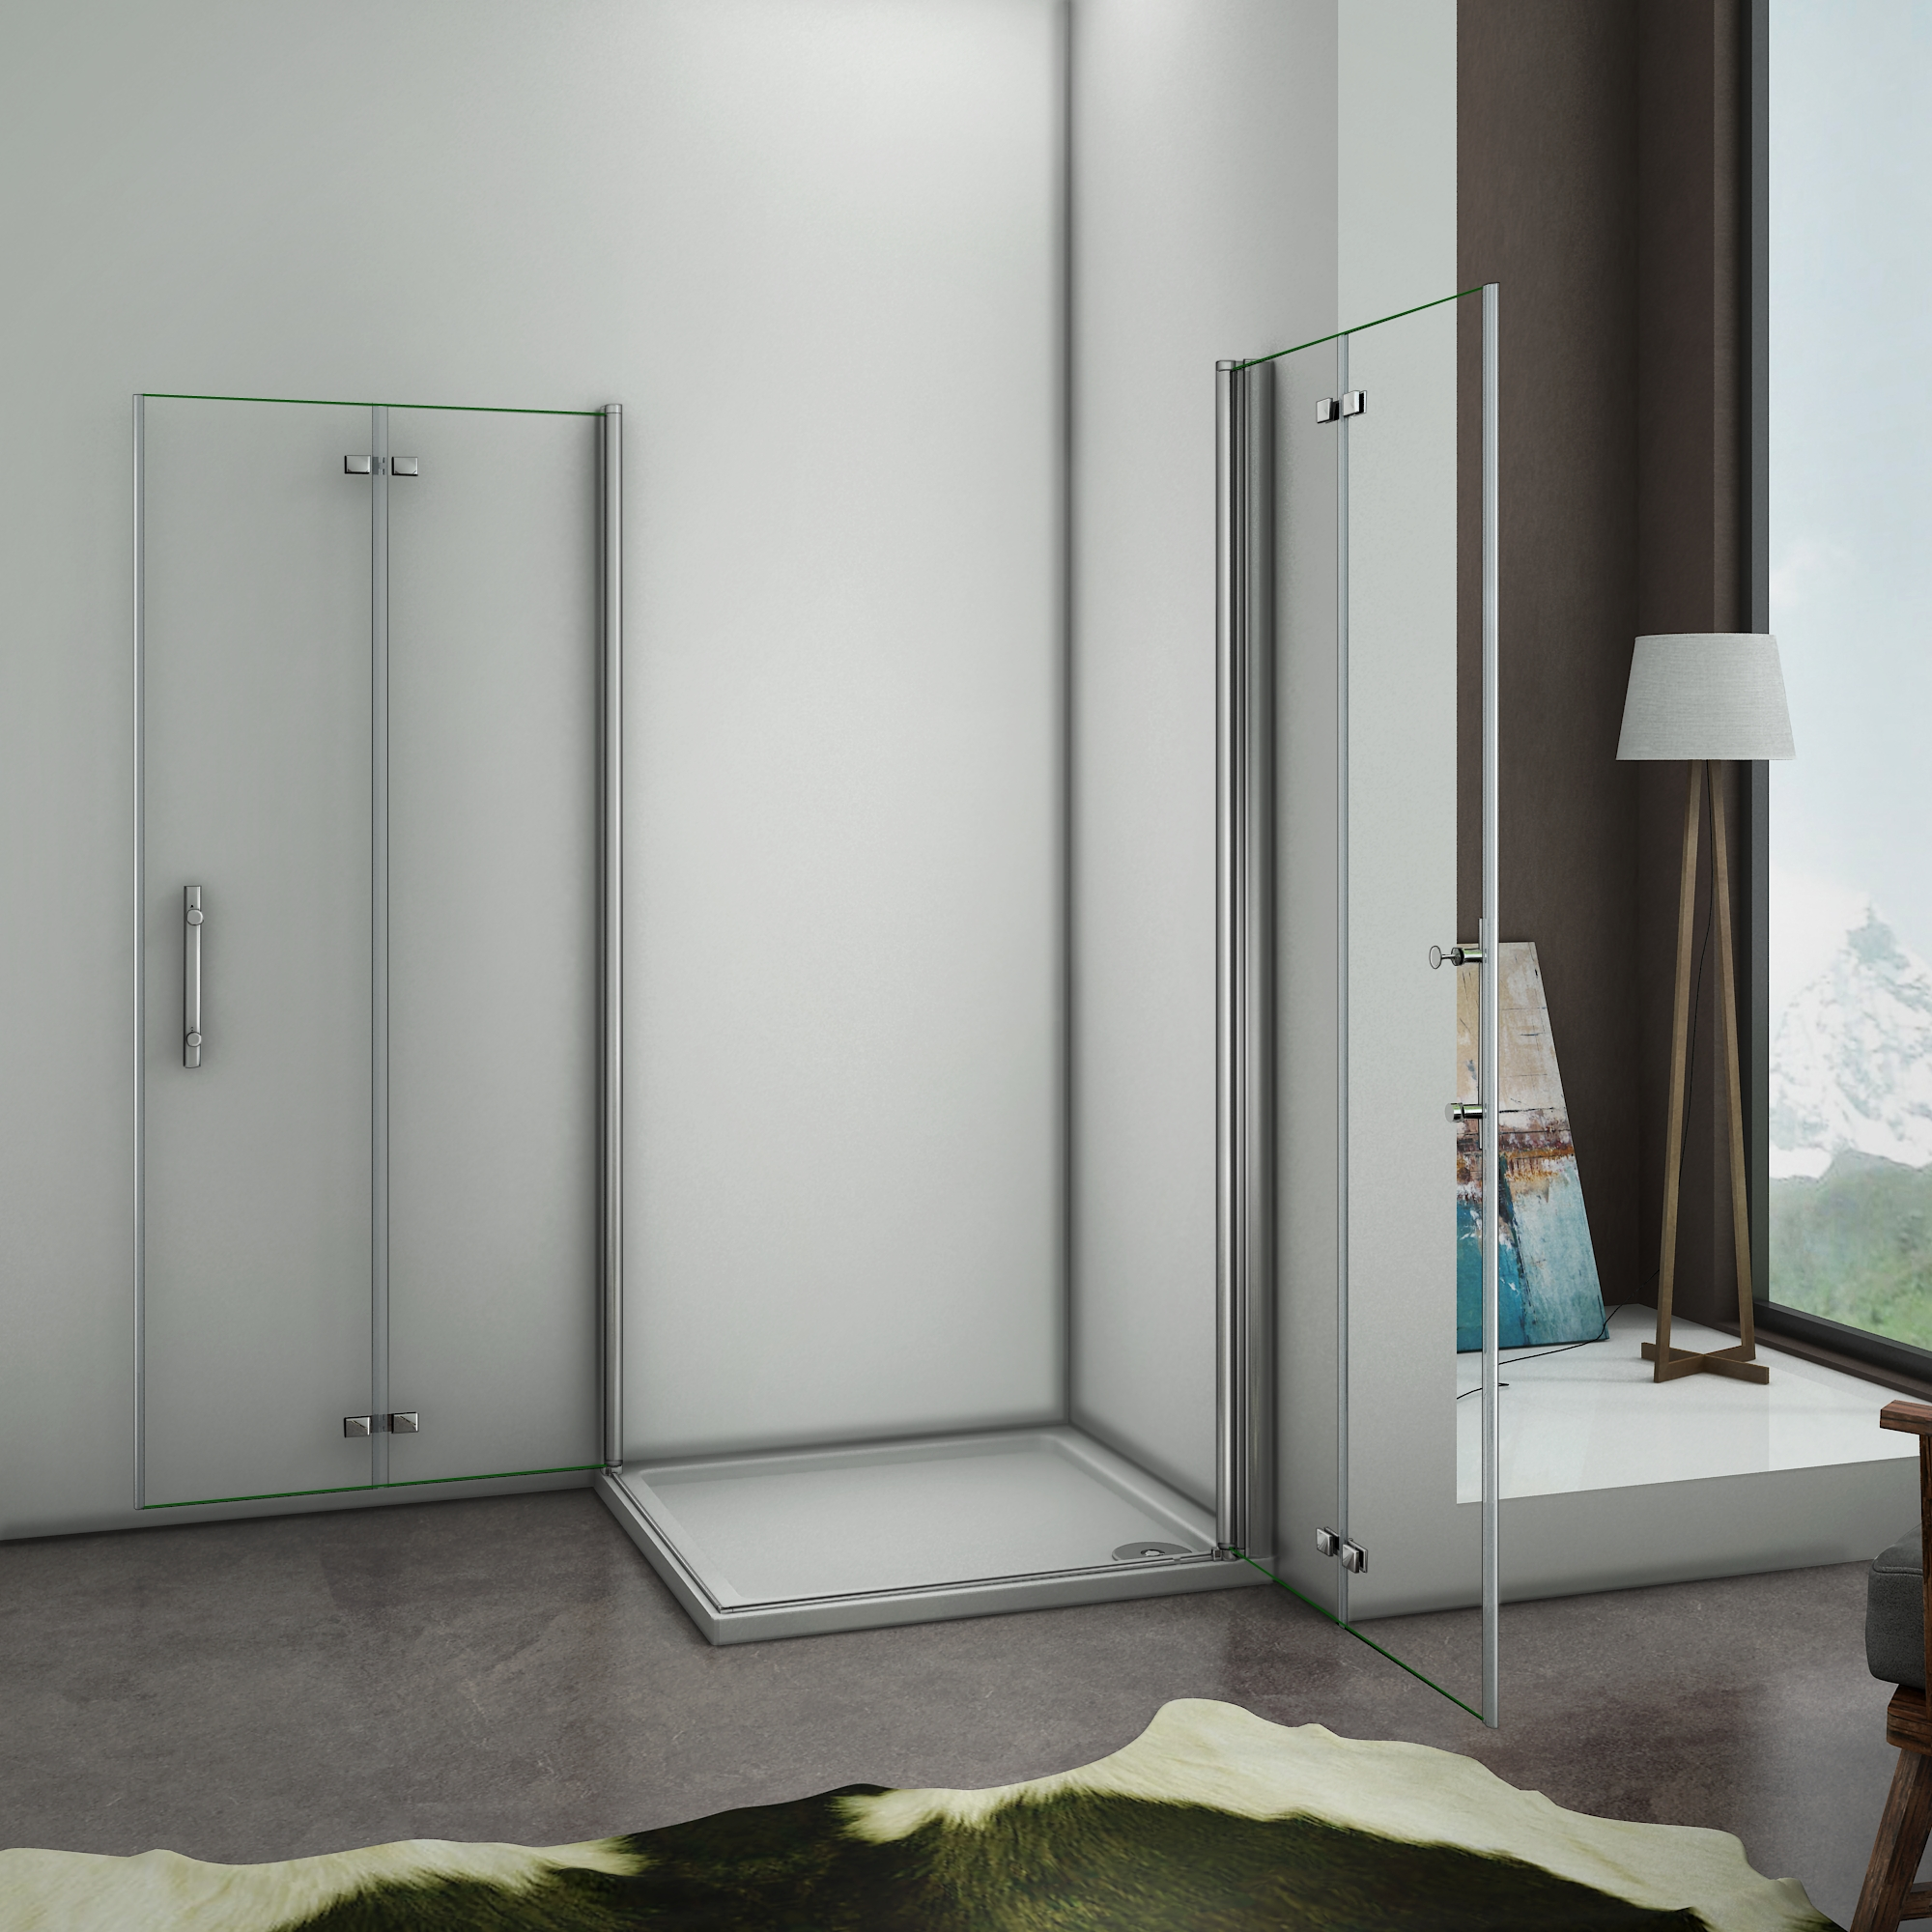 90x90x195cm cabine de douche acc s d 39 angle porte de douche. Black Bedroom Furniture Sets. Home Design Ideas